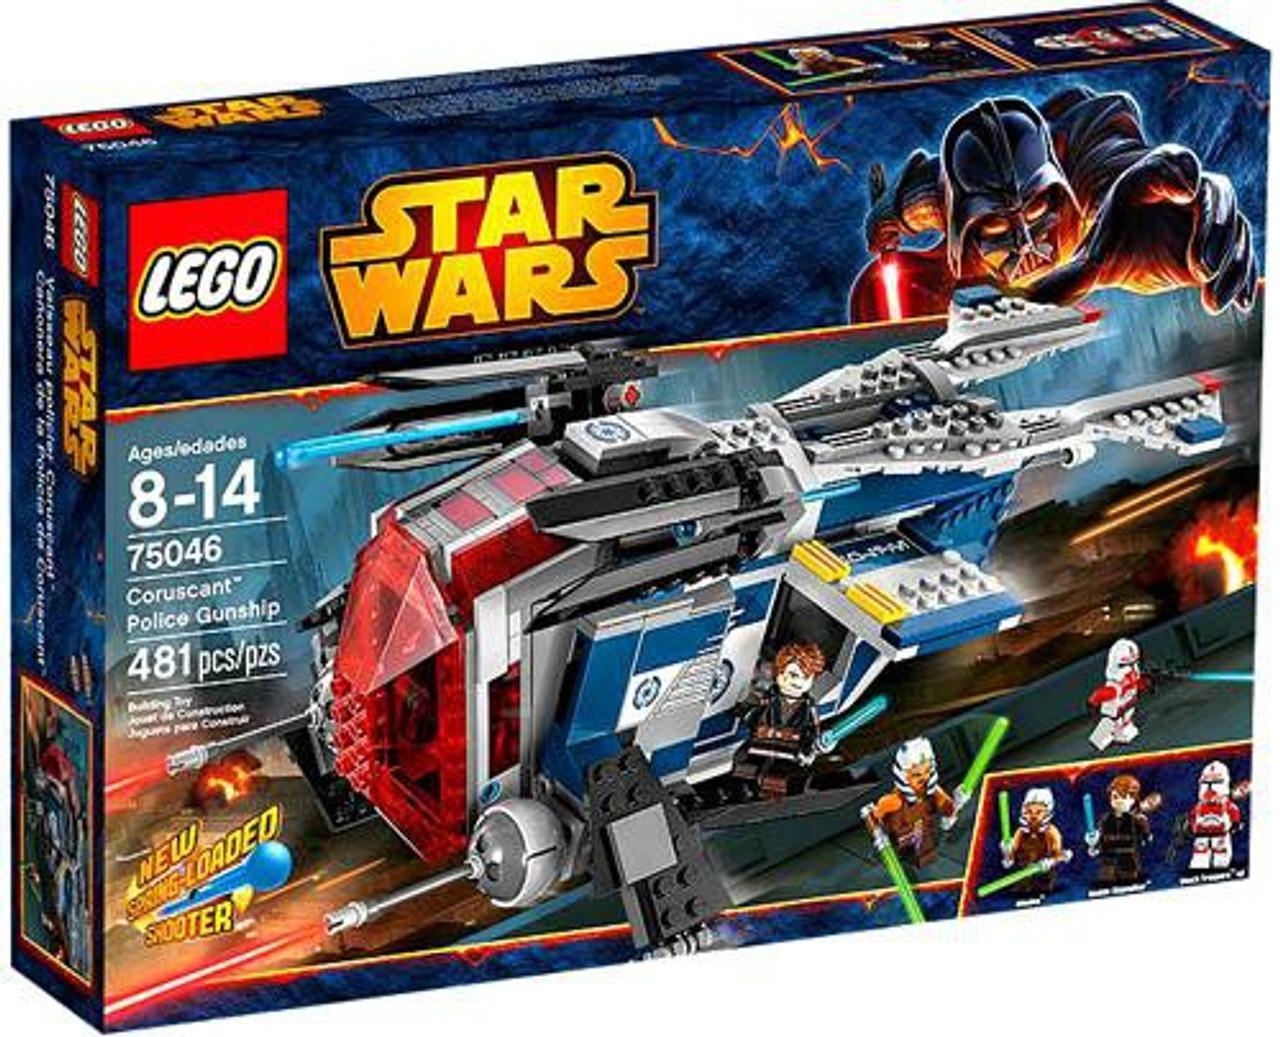 LEGO Star Wars The Clone Wars Coruscant Police Gunship Set #75046